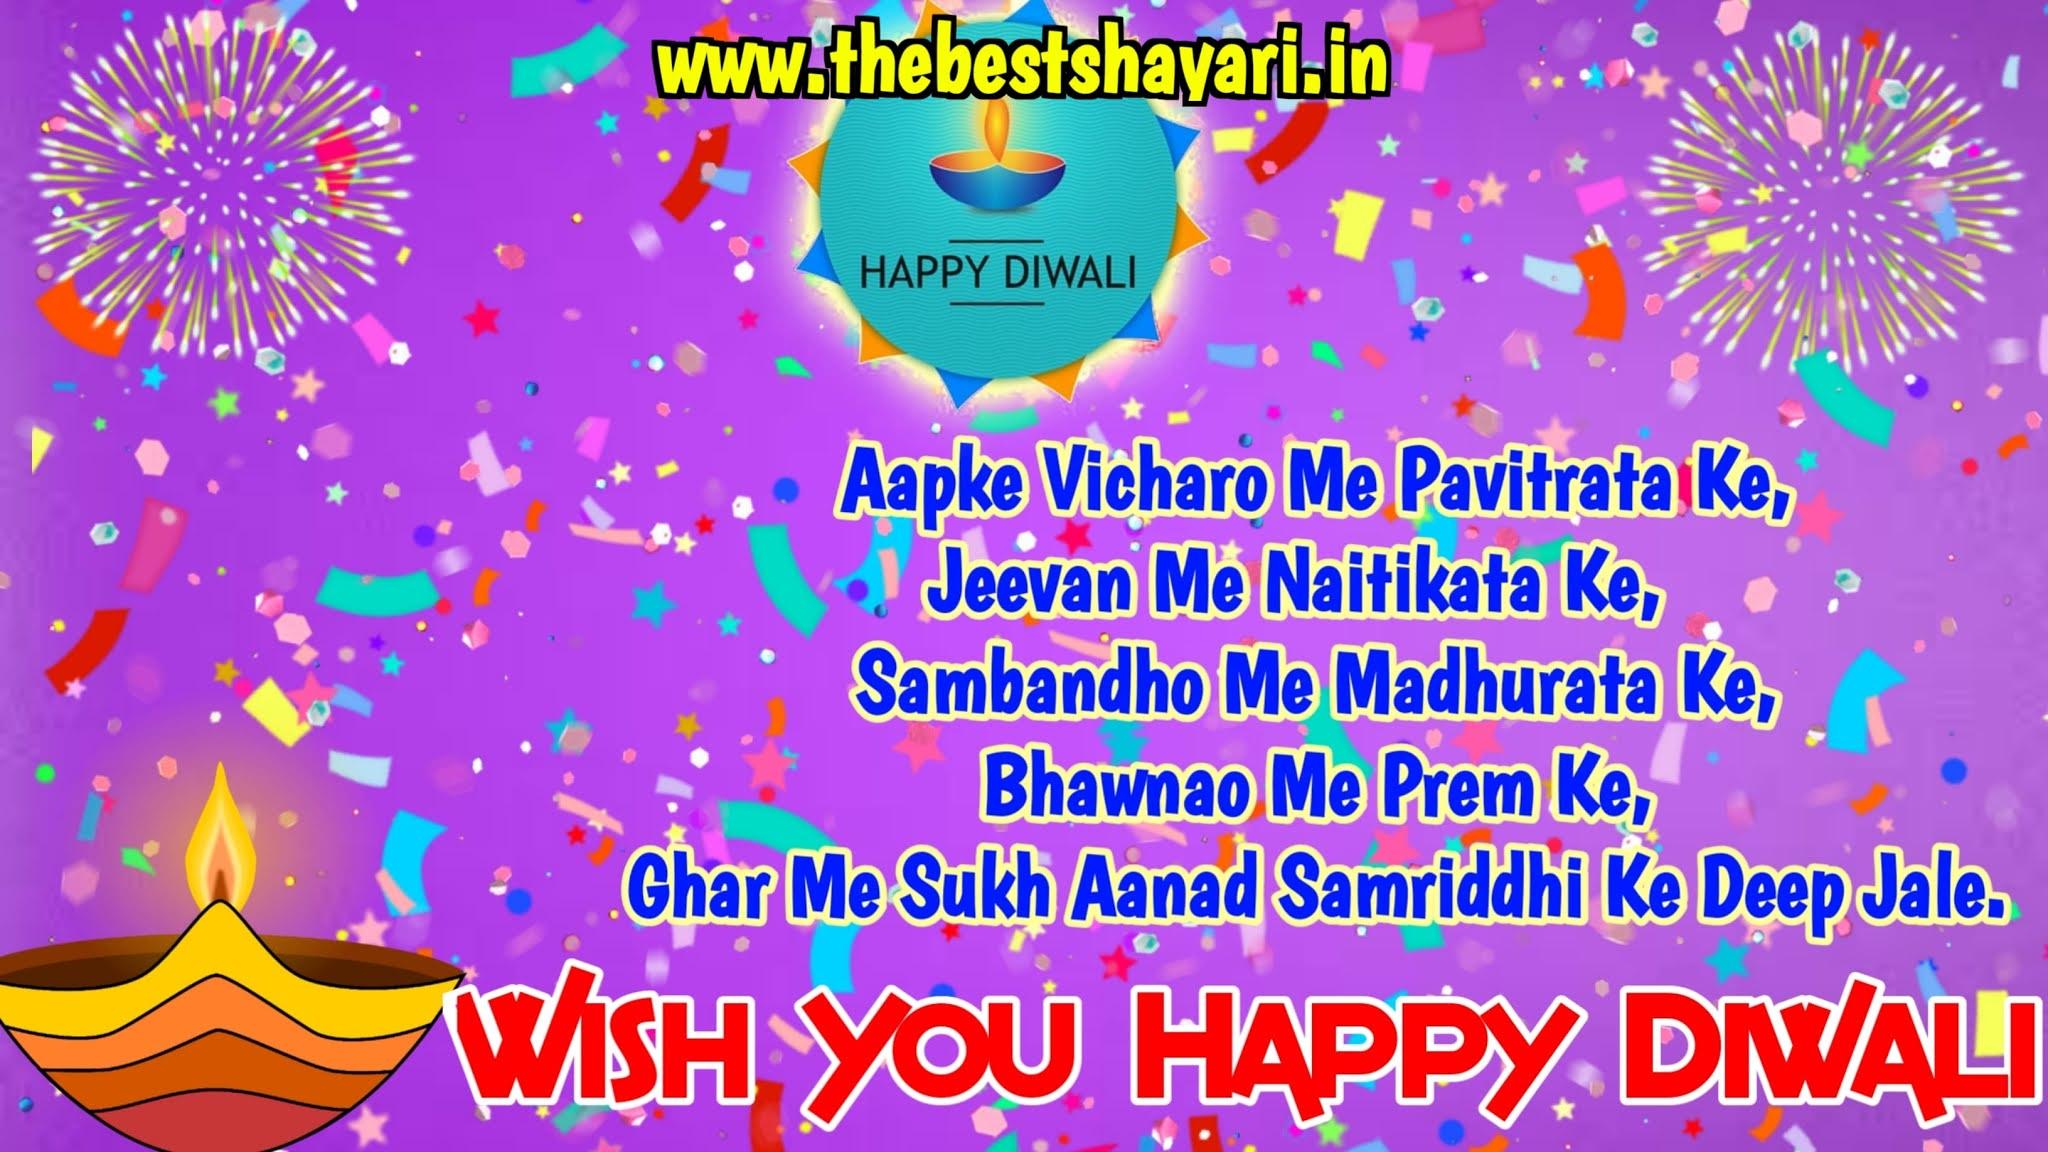 diwali celebration wishes